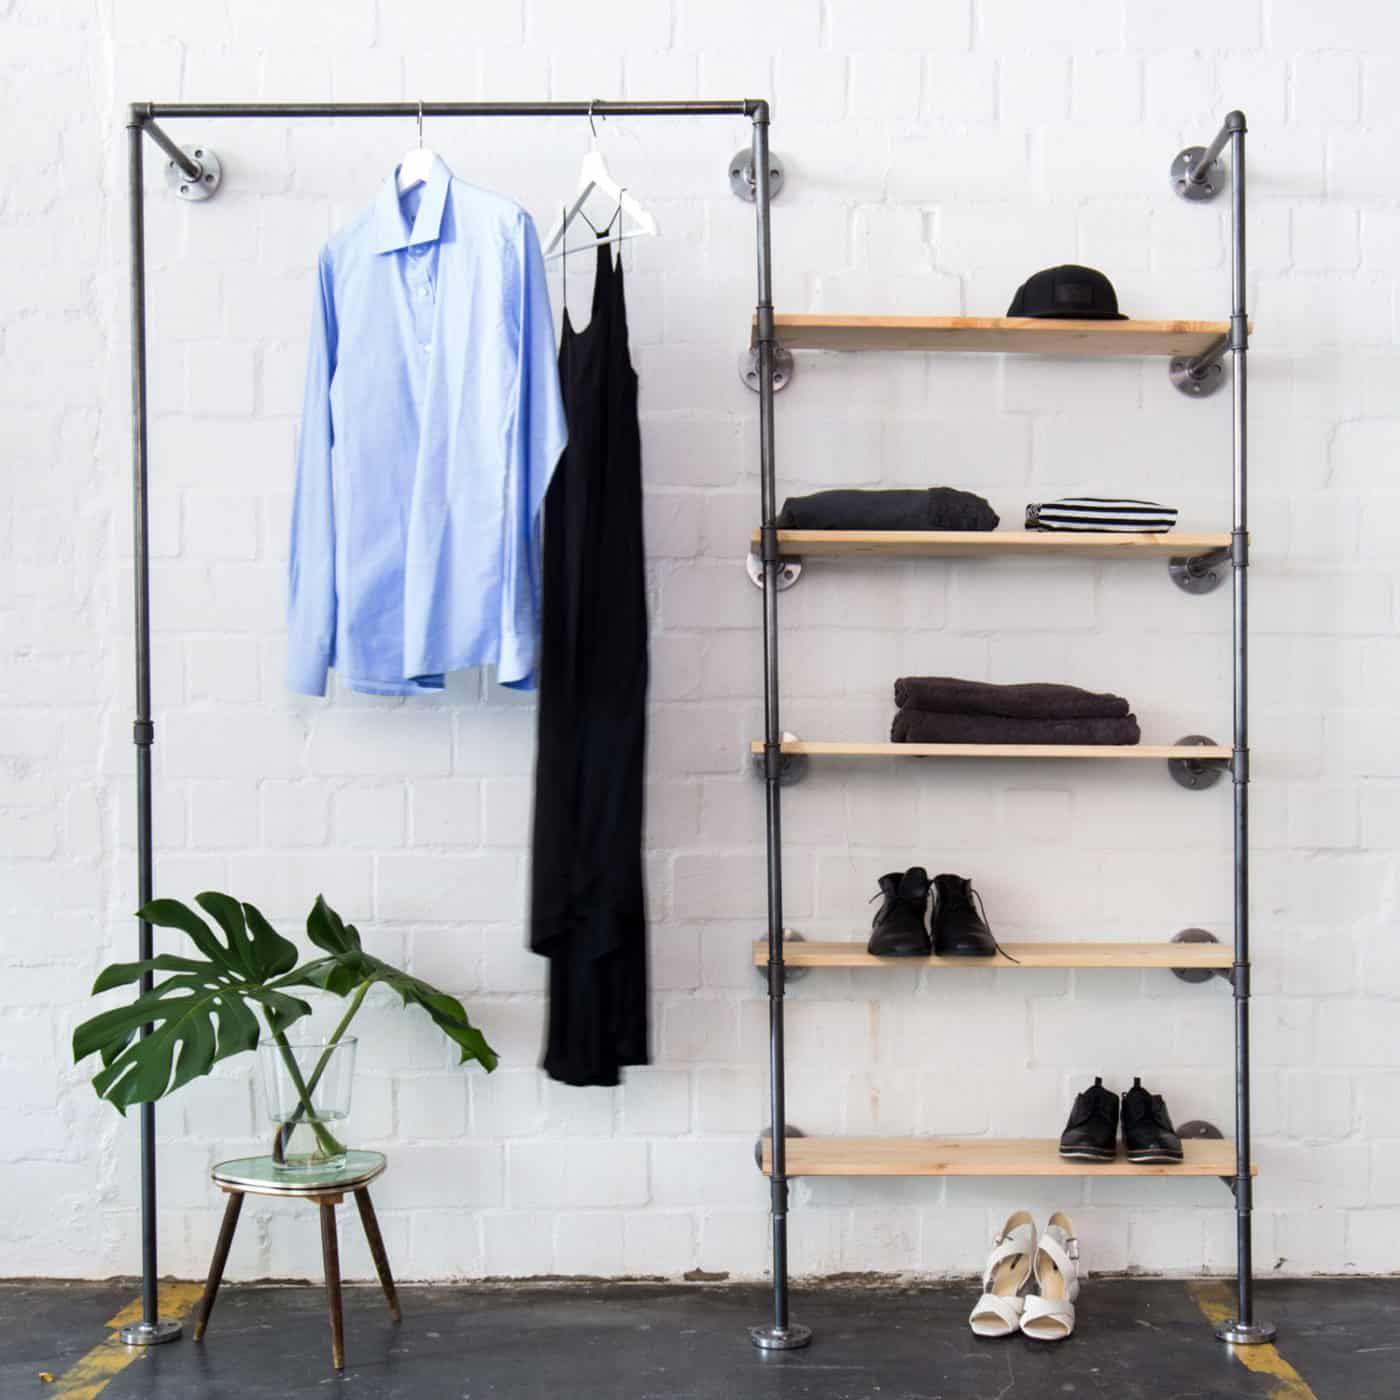 Offener Industriedesign Kleiderschrank Mit Regal Space Low